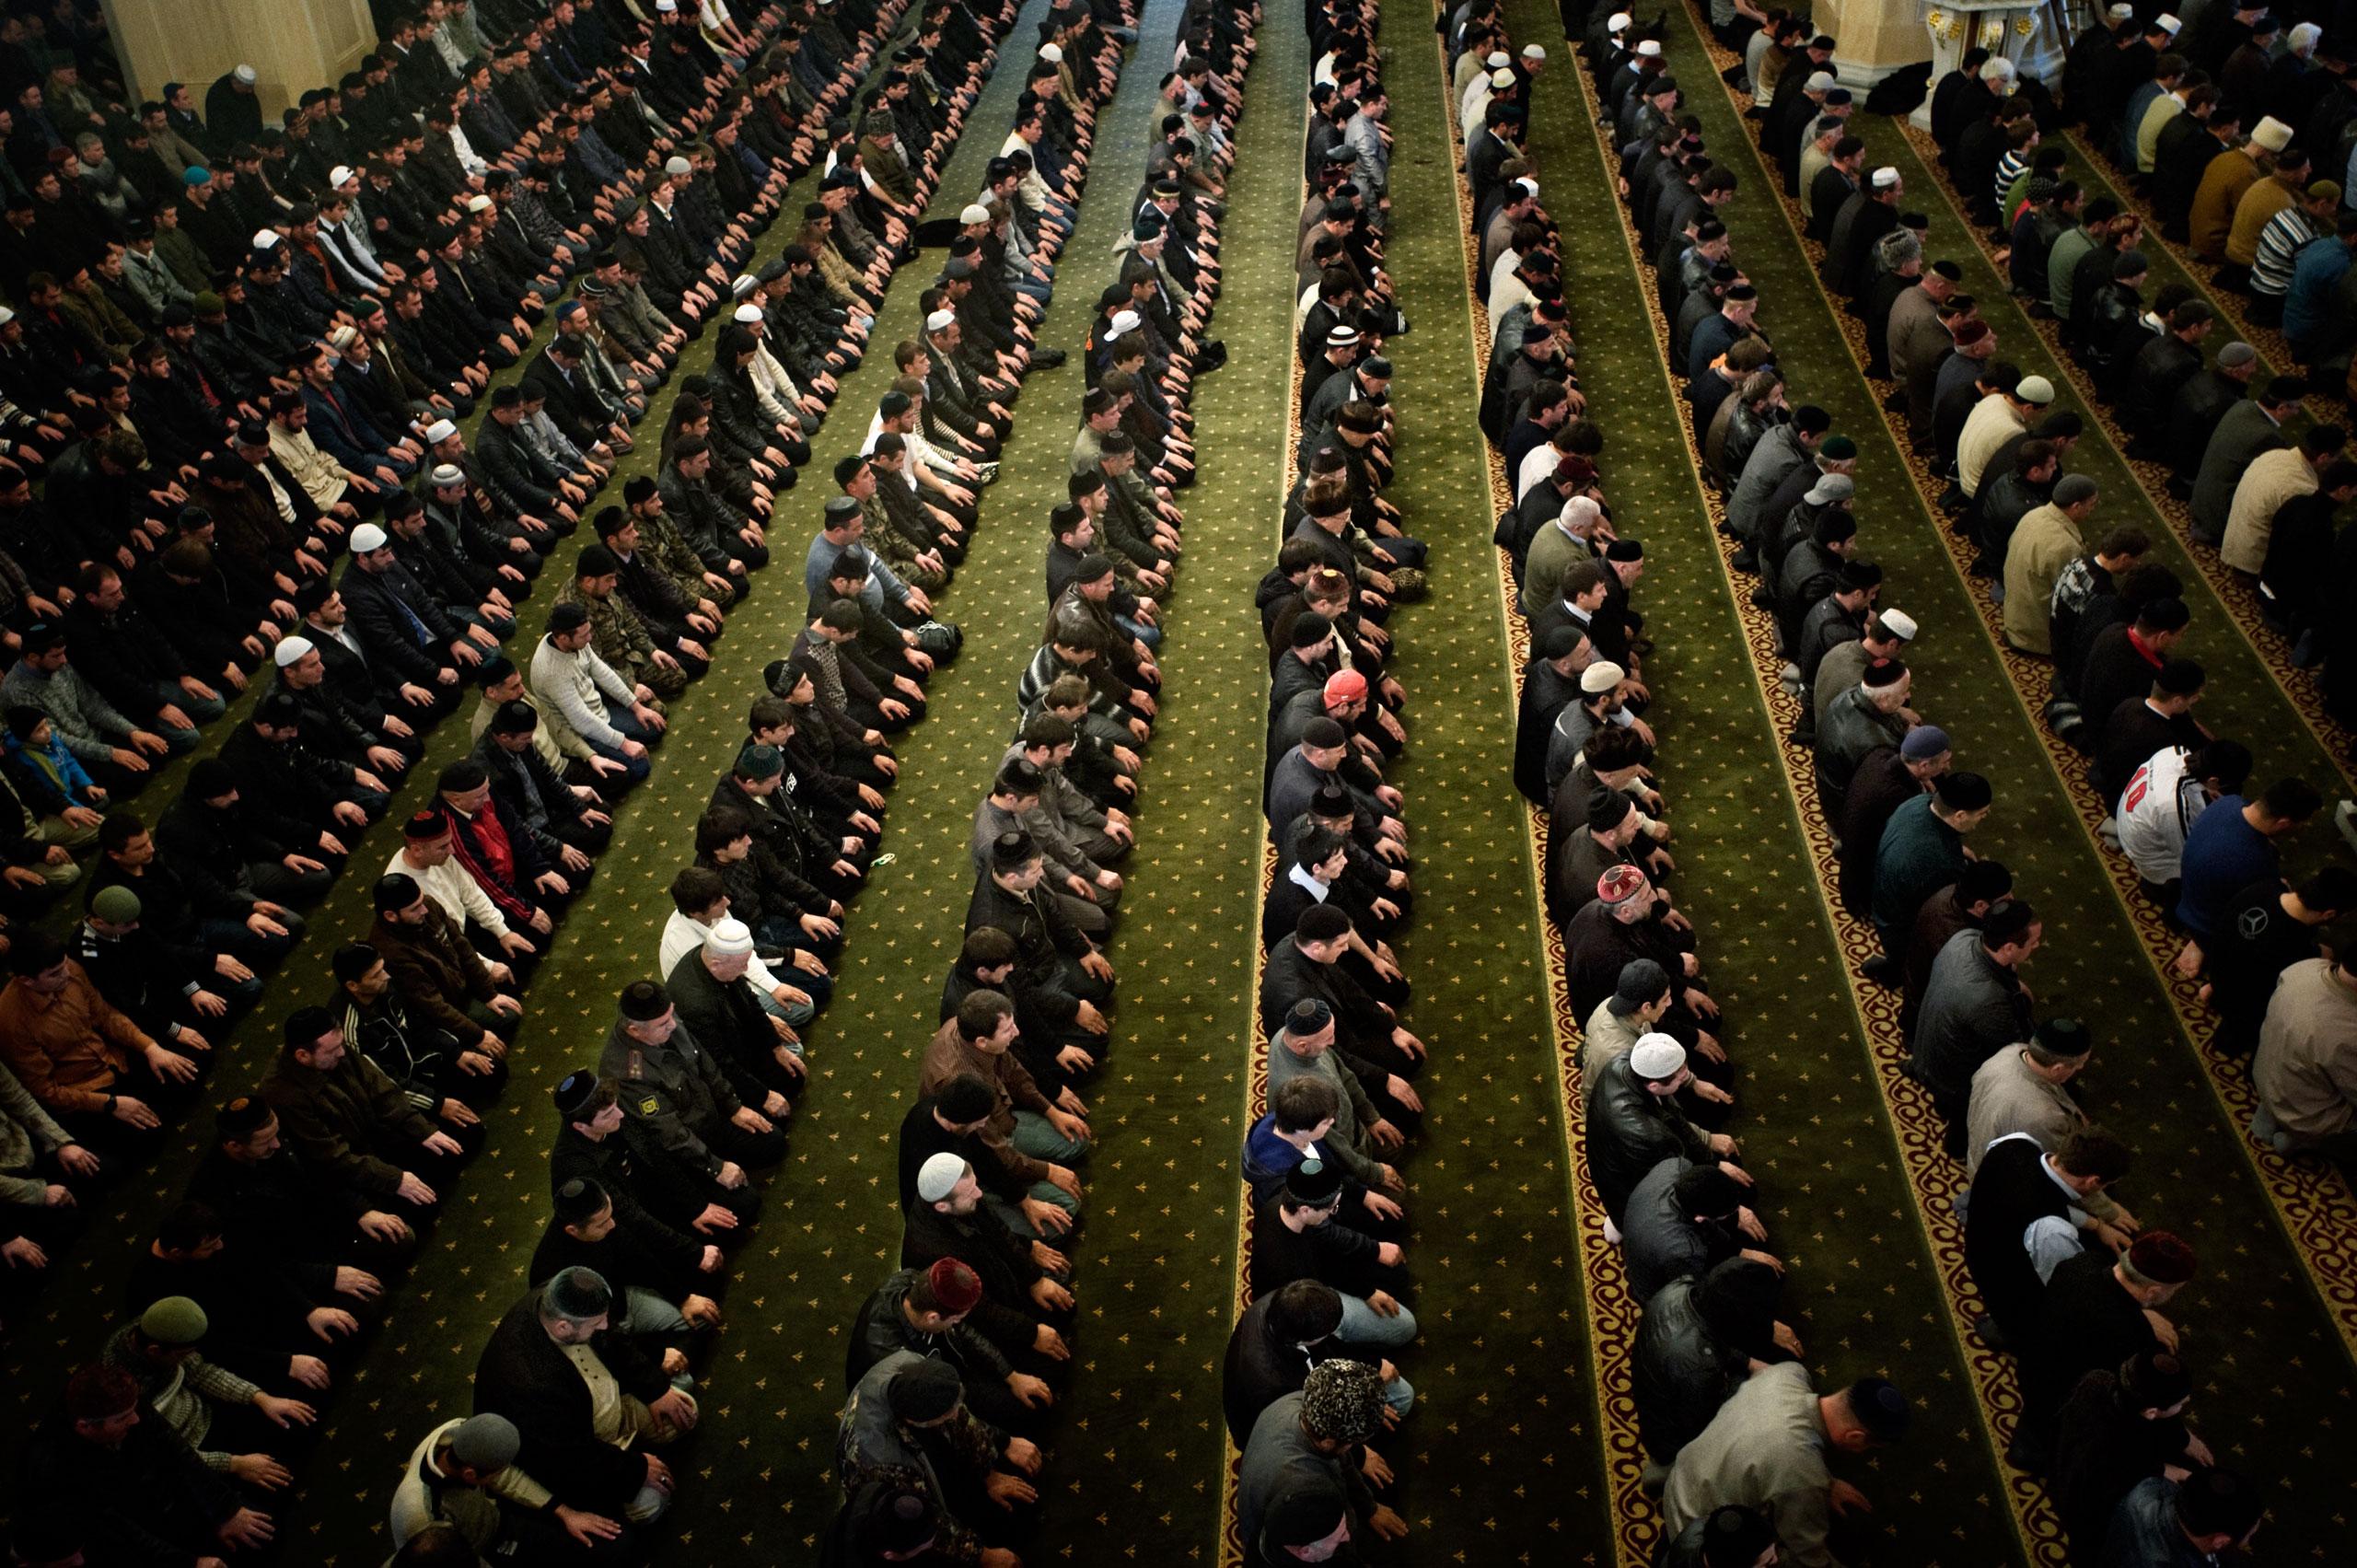 Friday prayers at the Akhmad Kadyrov Mosque, Grozny Chechnya, October 2009.